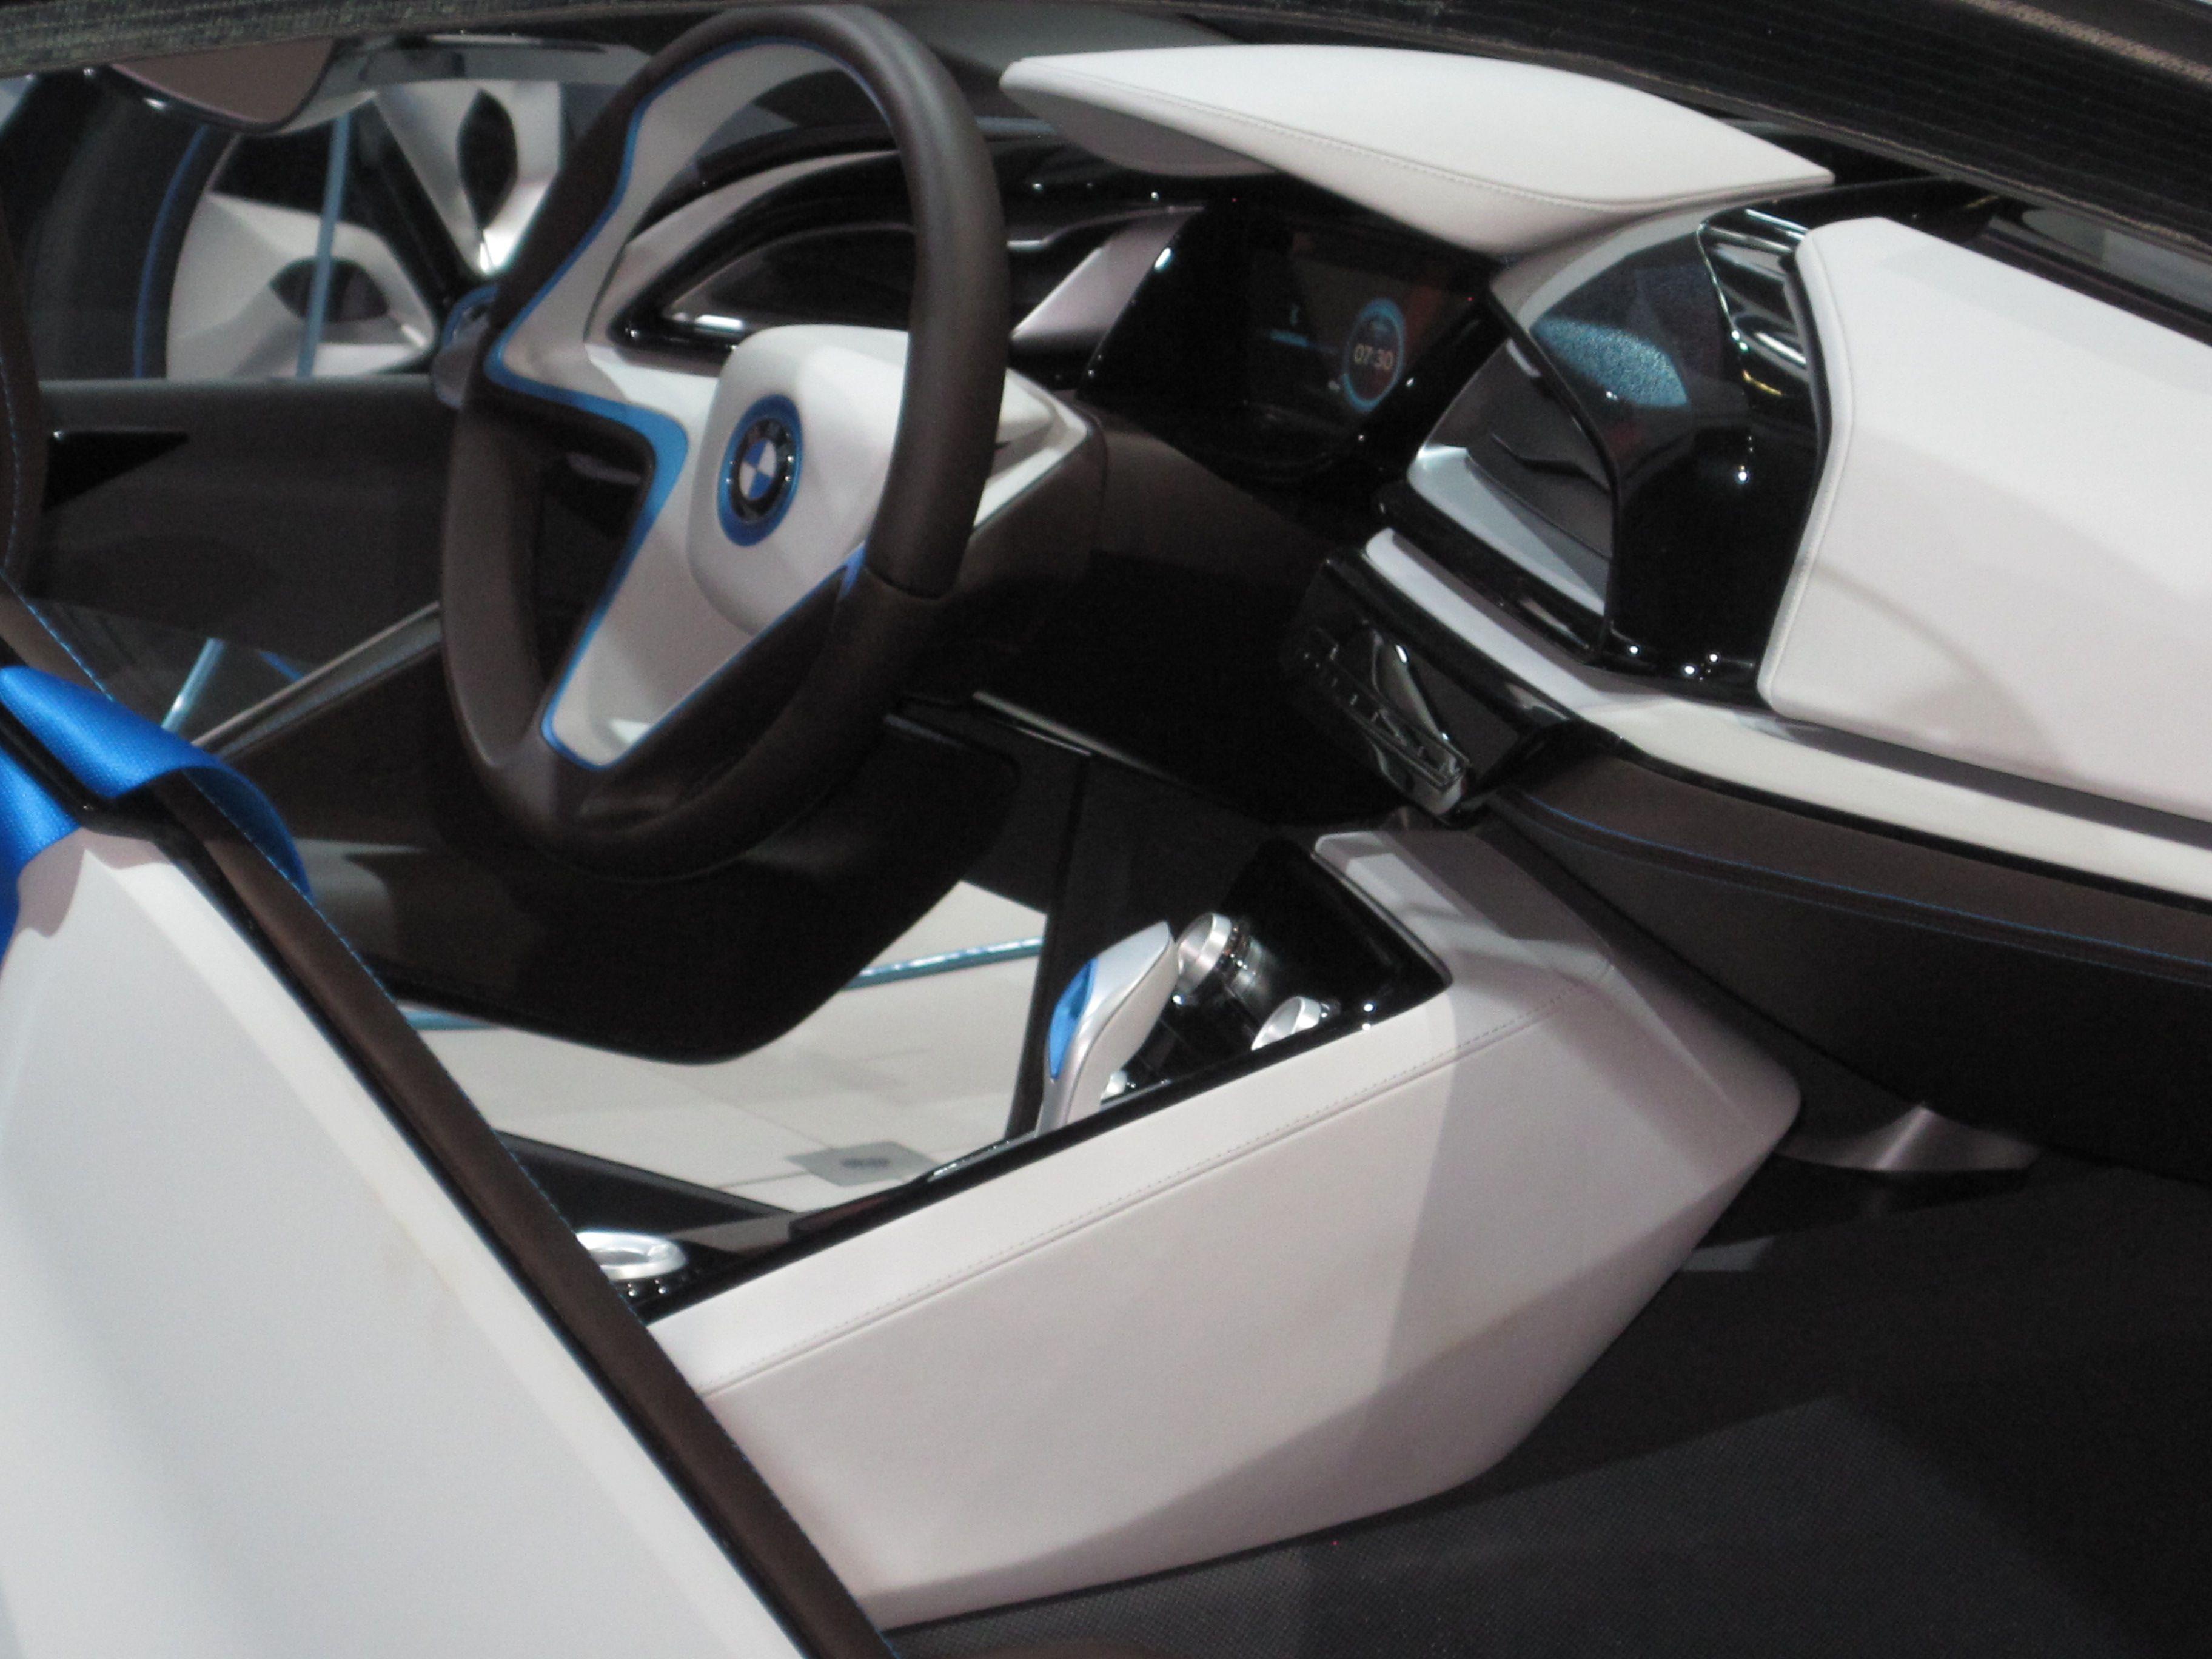 BMW Concept electric car Bmw concept, Concept cars